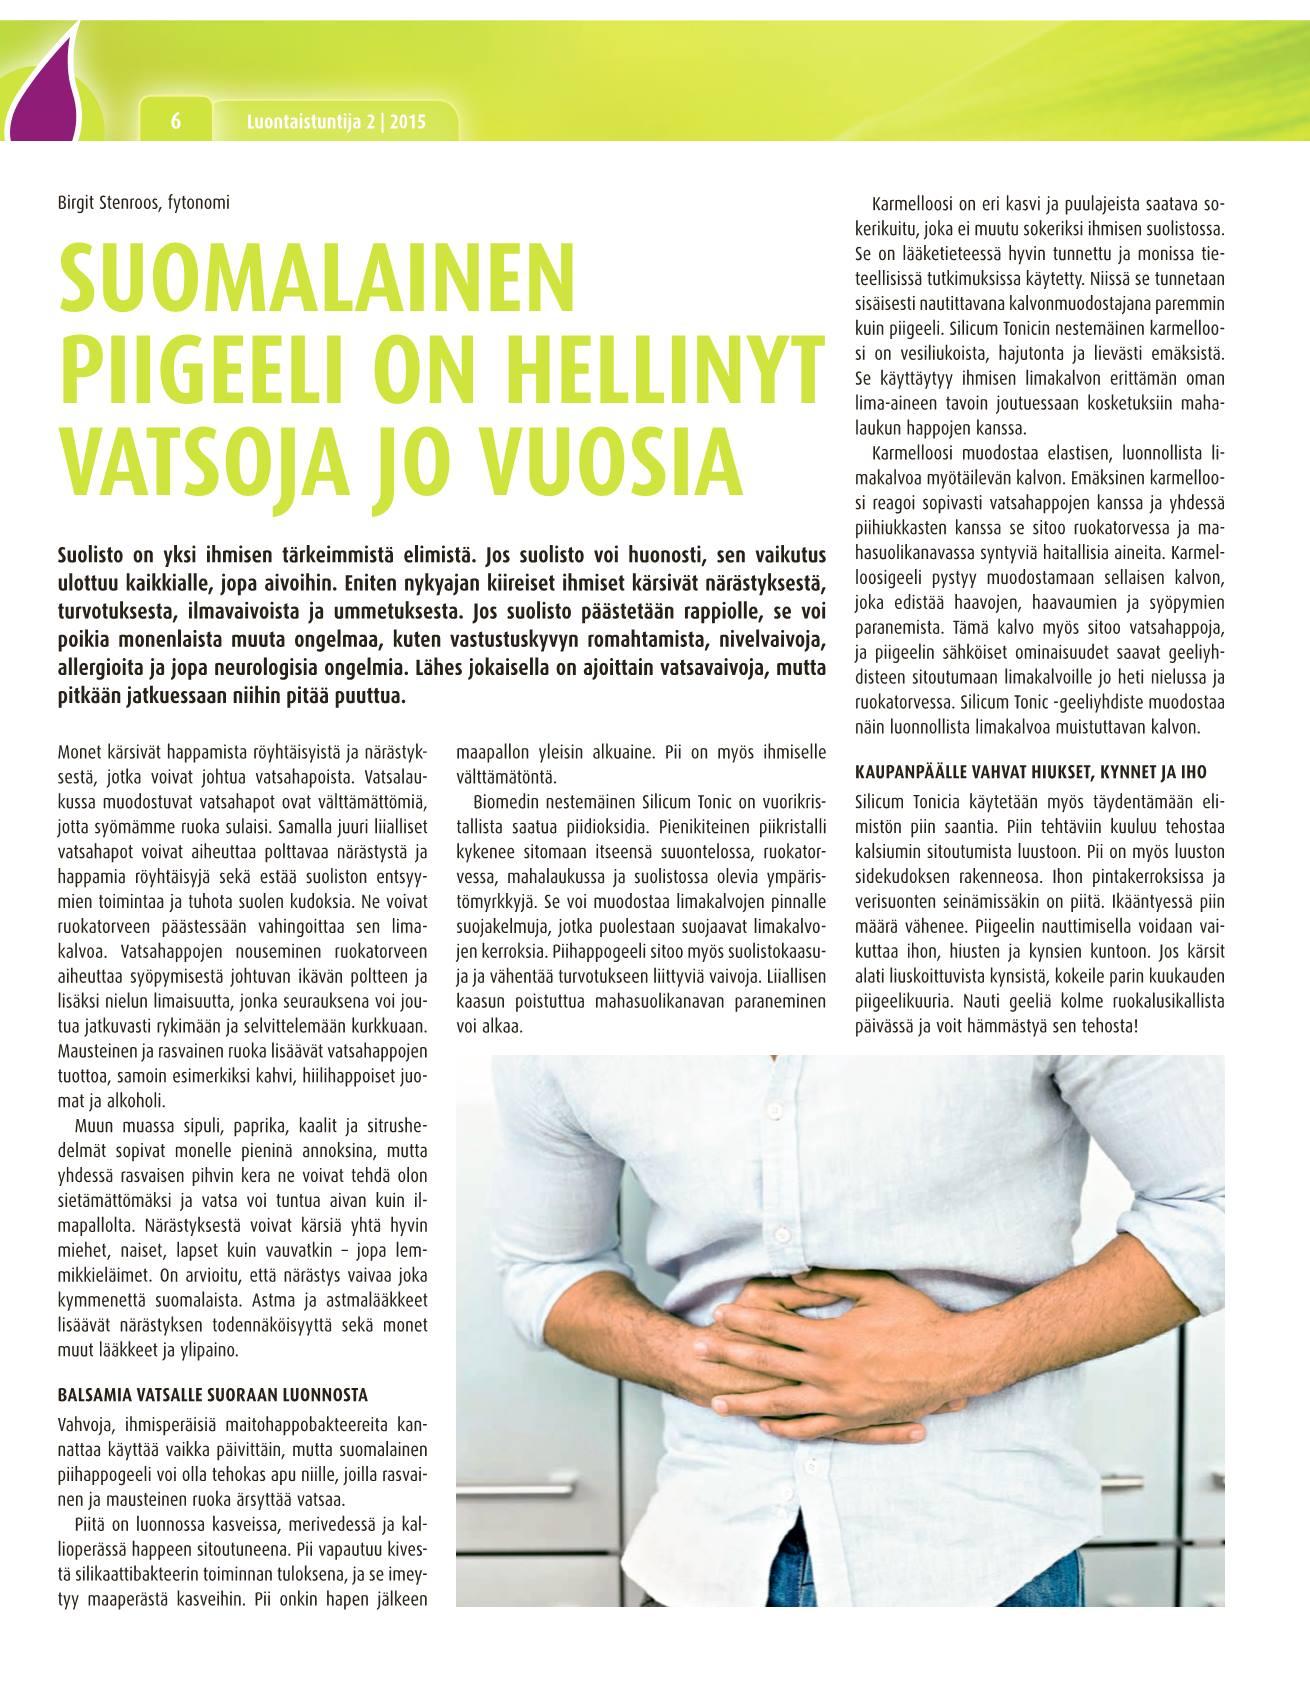 tyypillisiä suomalaisia ruokia